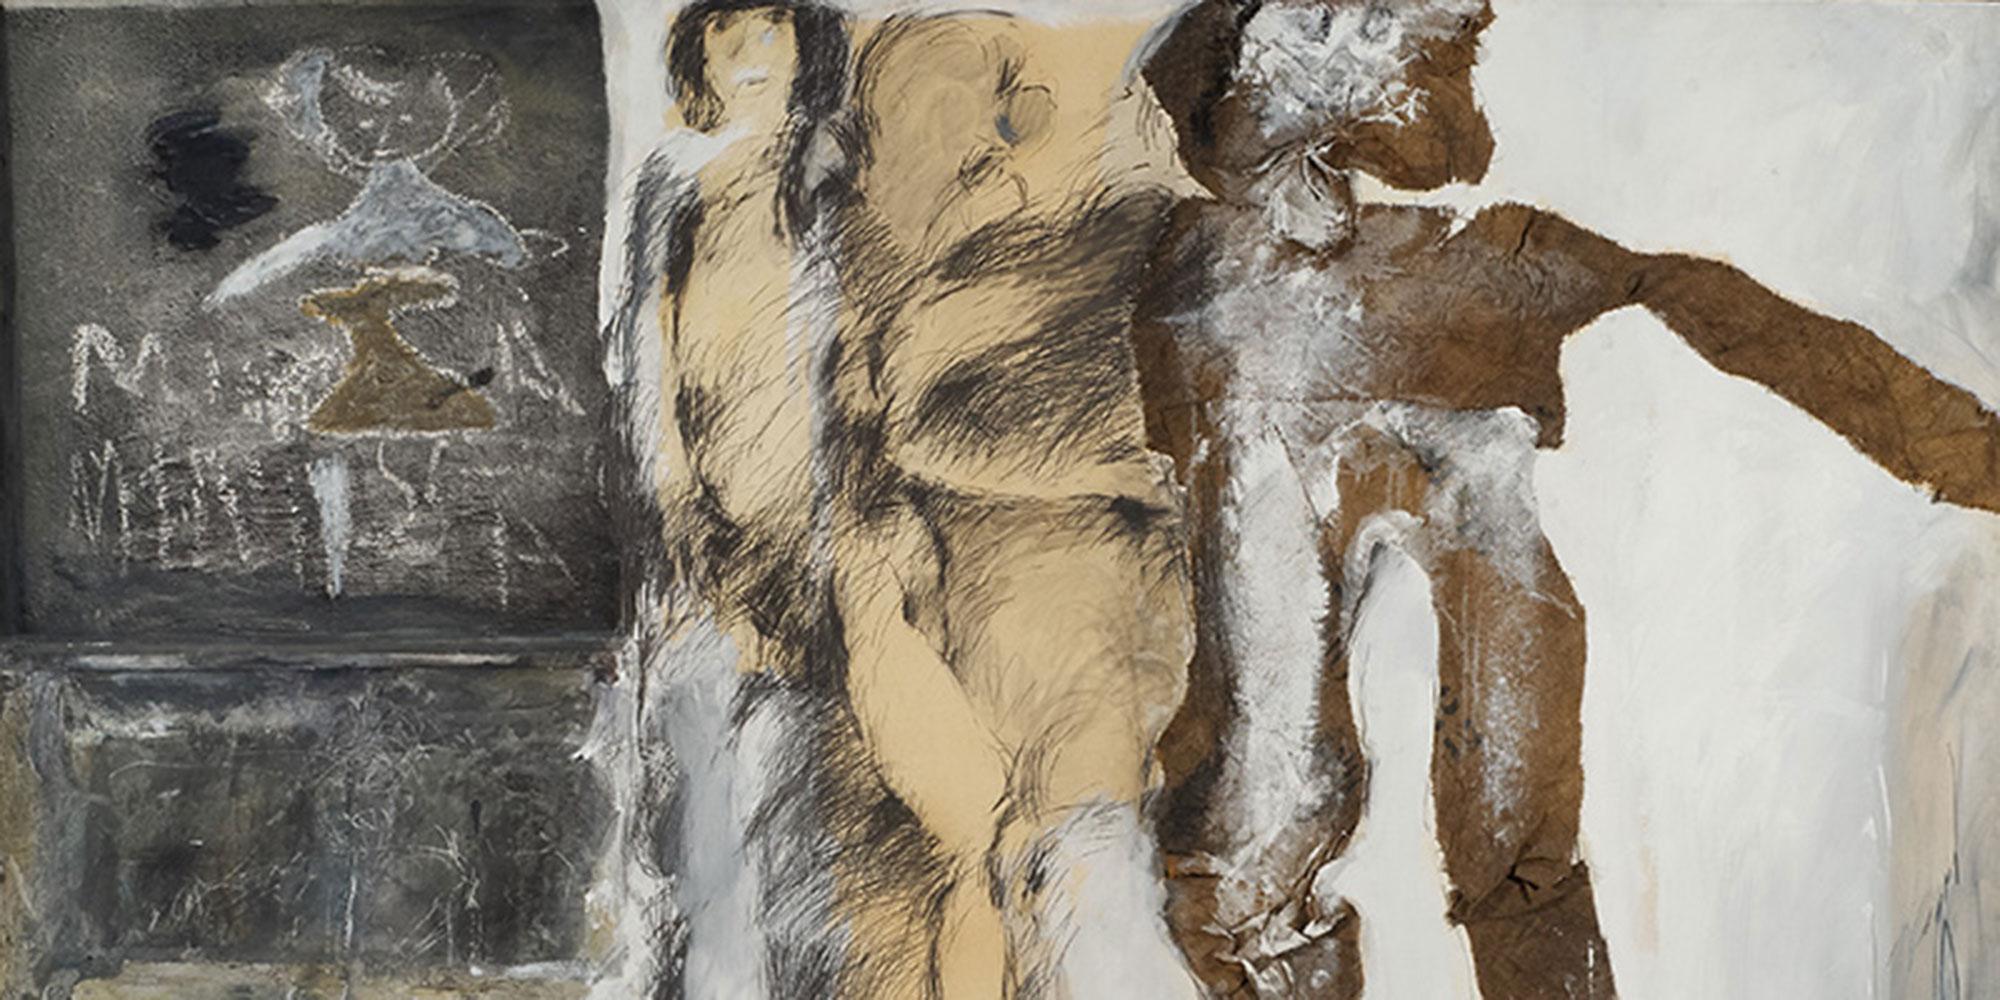 © Adolf Frohner, Die Flucht, Hommage an Jean Dubuffet, 1966 ©  LENTOS Kunstmuseum Linz, Foto: Reinhard Haider